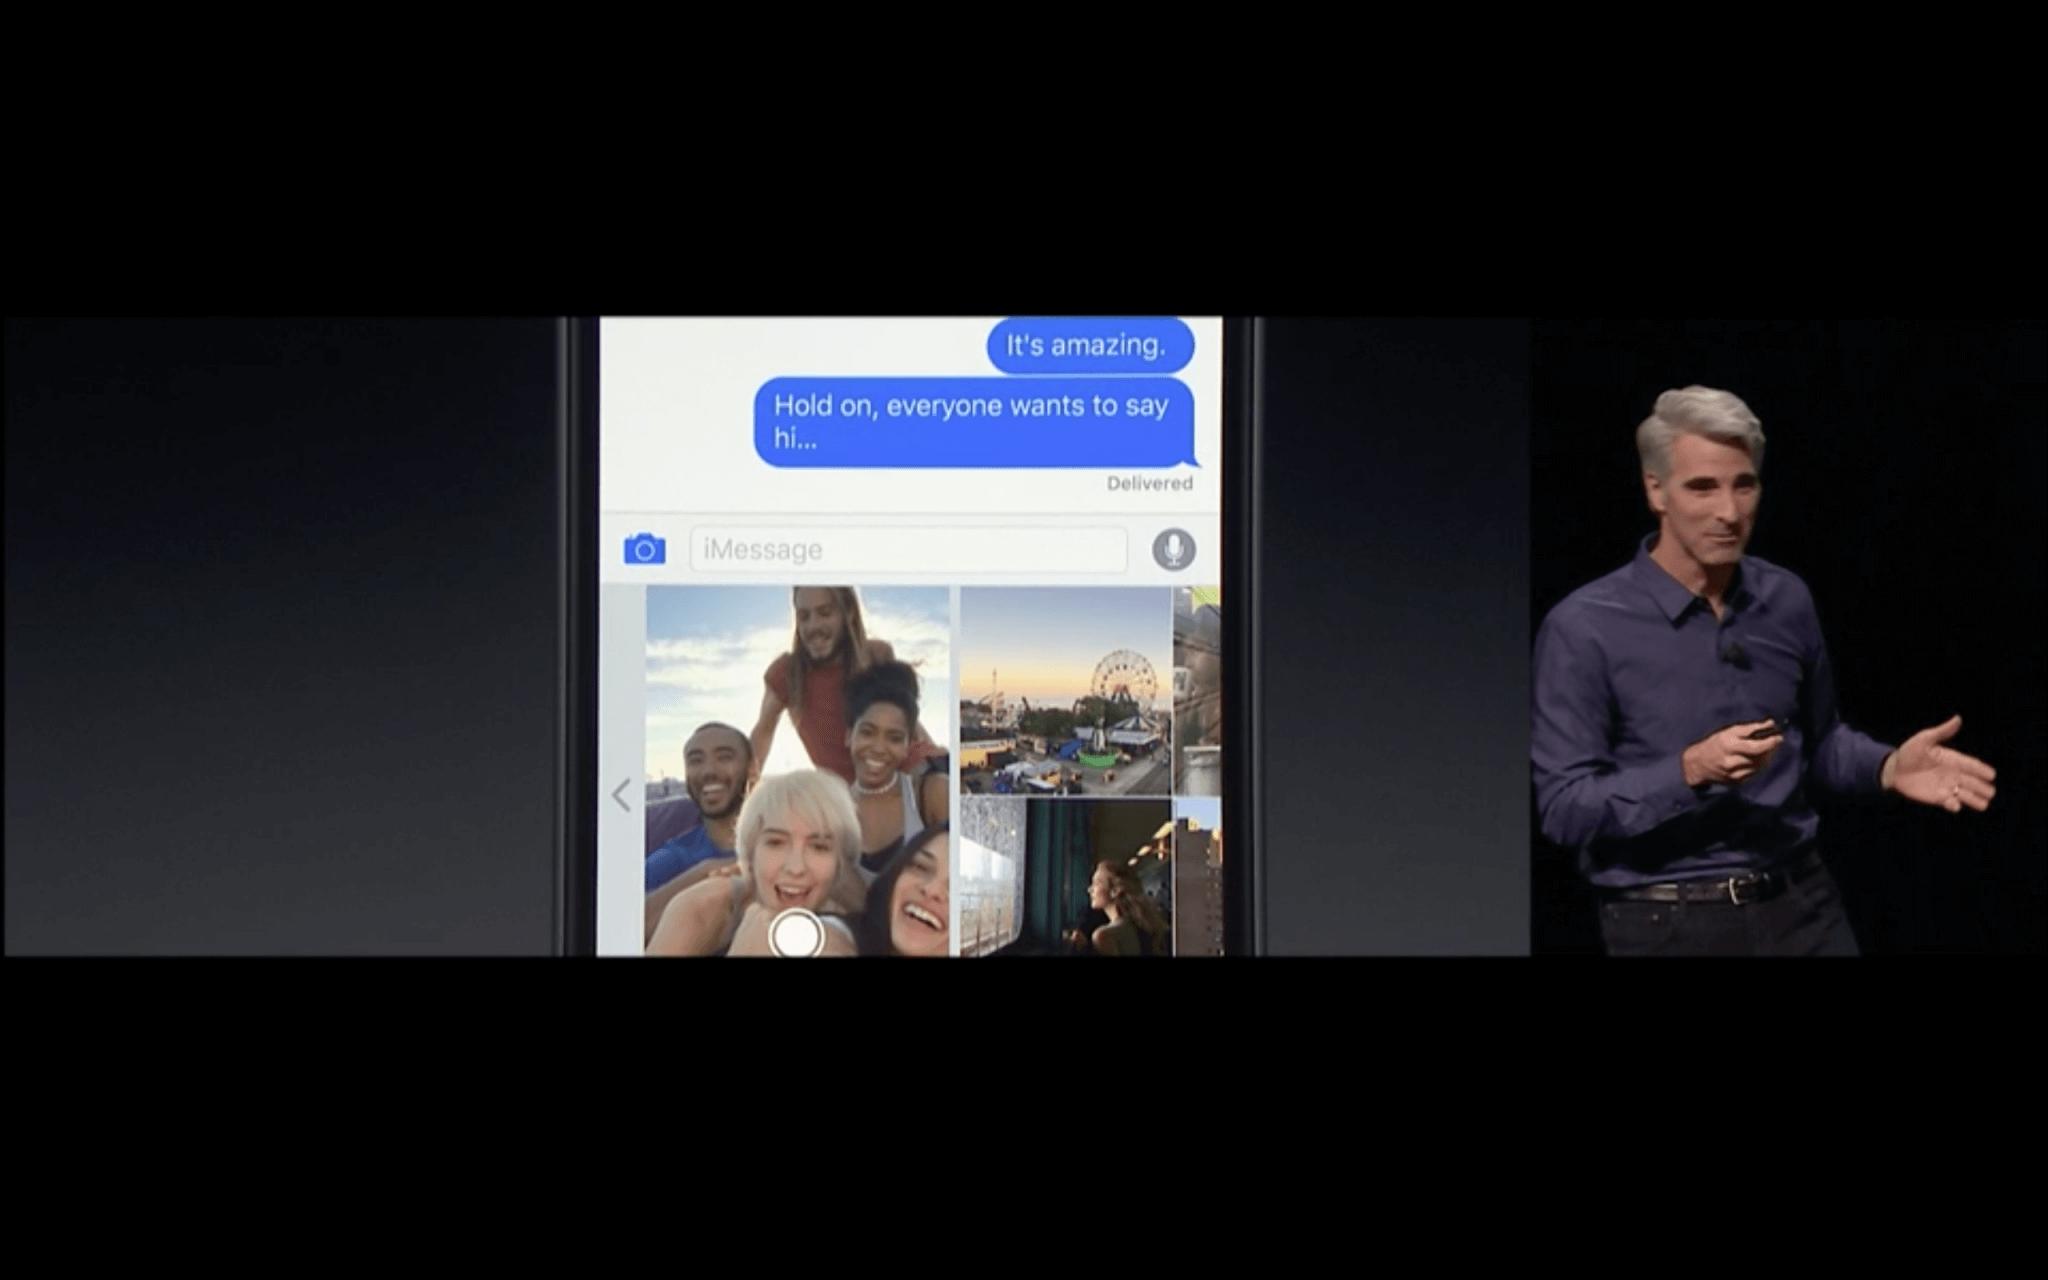 WWDC: Live-Vorschau der Kamera in der nachrichten-App (Screenshot von Apples Livestream)